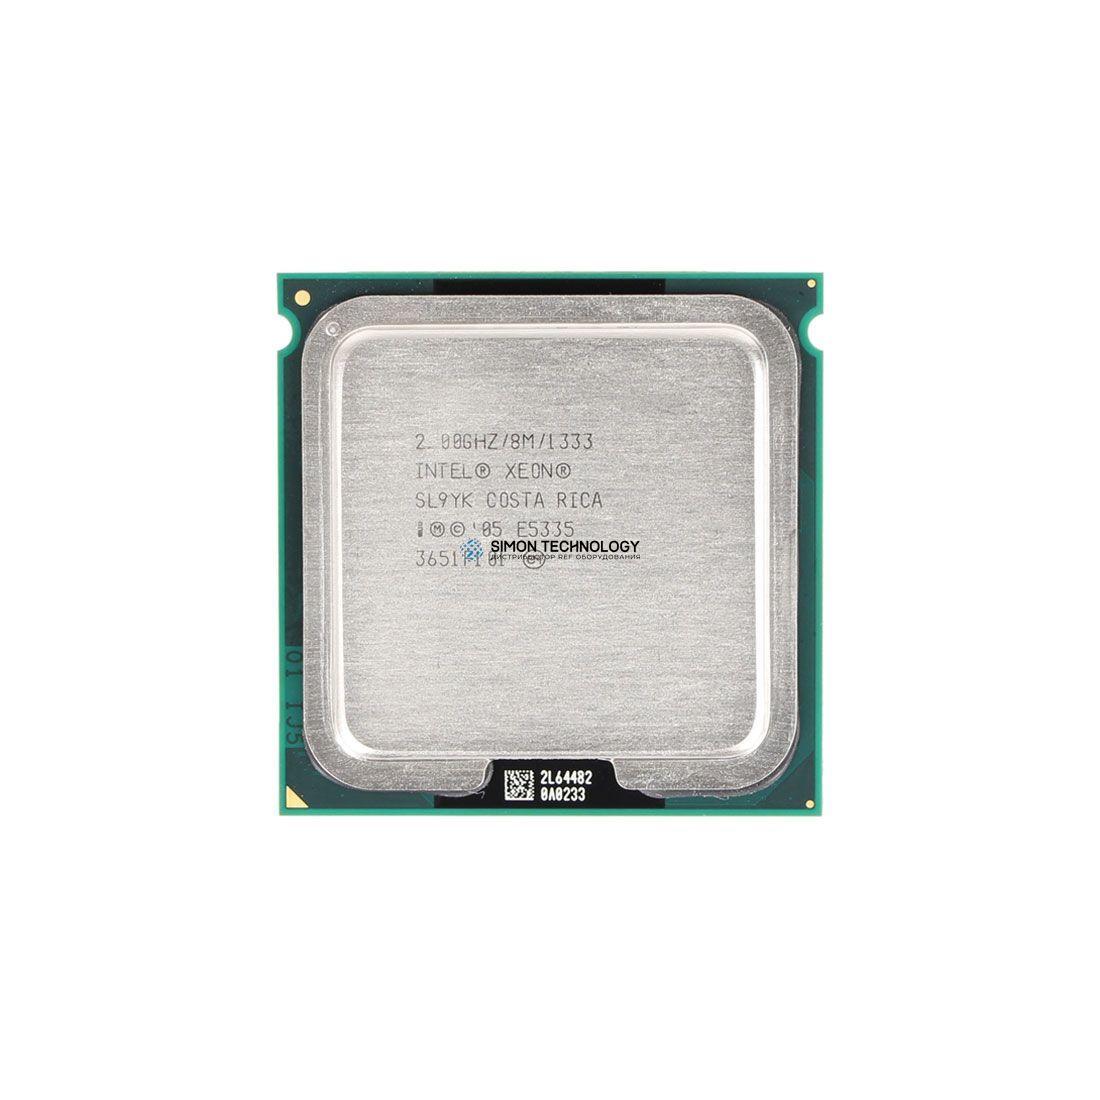 Процессор HPE HPE CPU Clvertwn.E5335 2.0/1333.80W (453307-001)